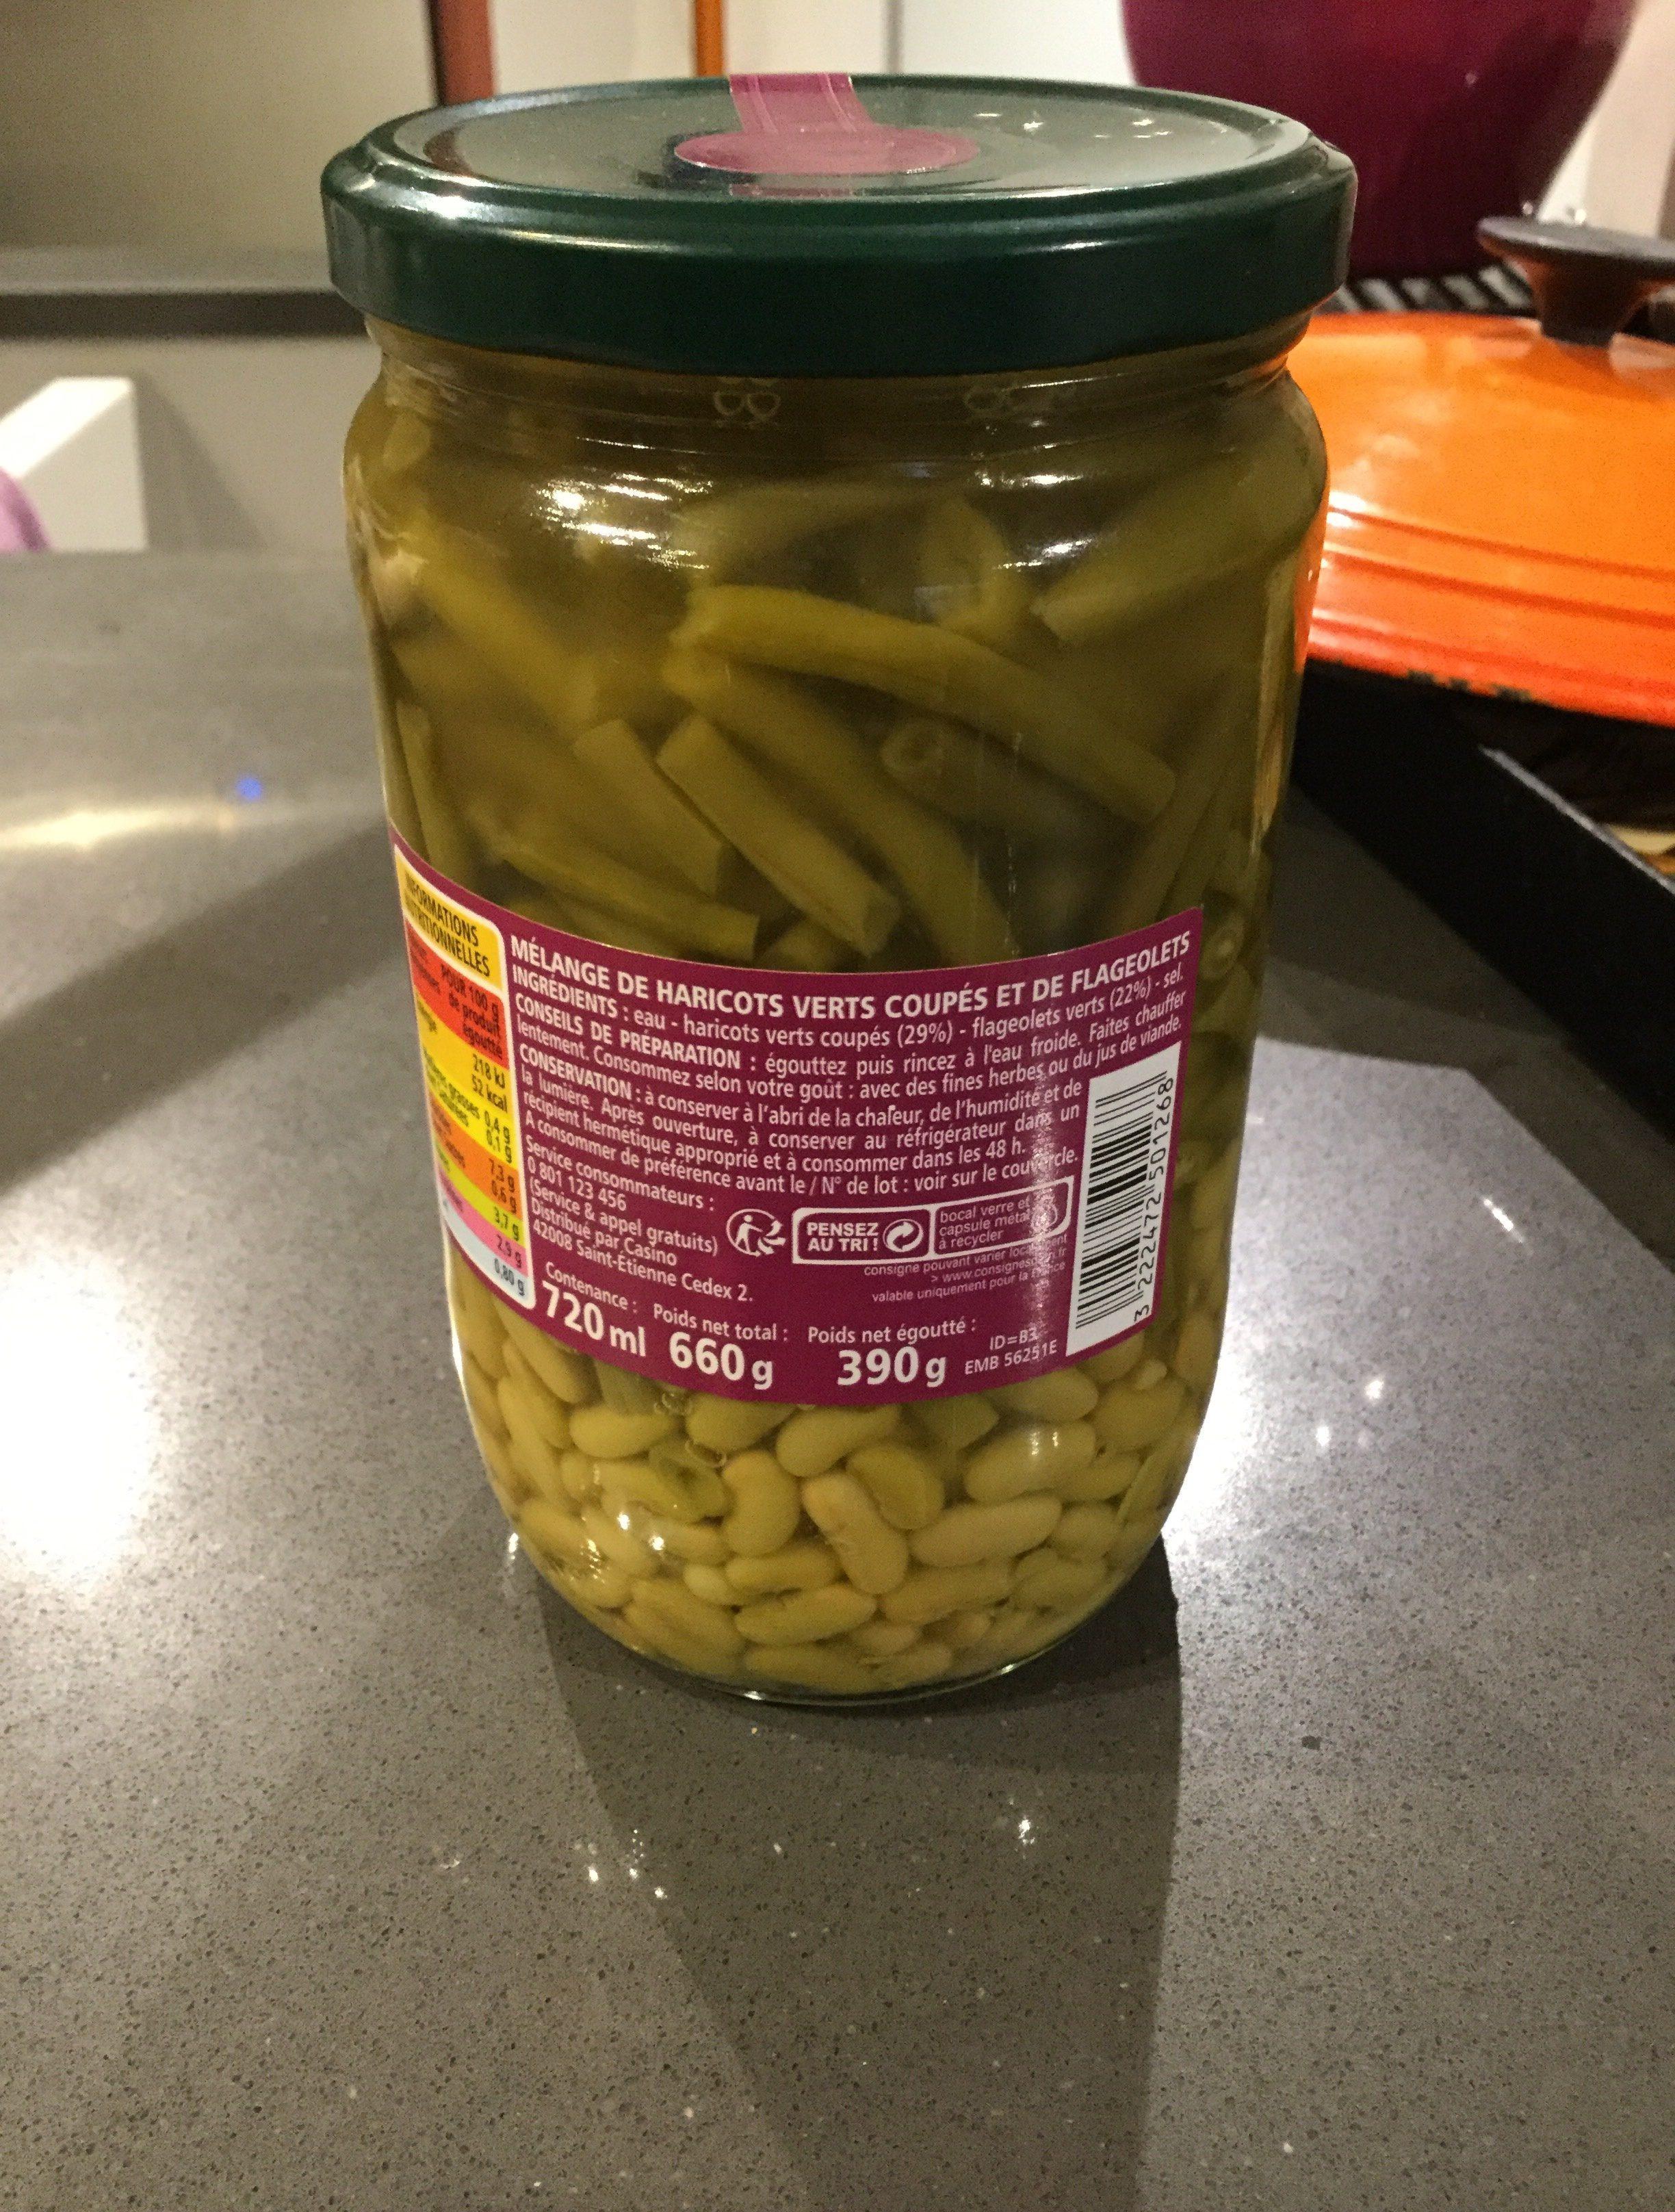 Mélange haricots verts coupés et flageolets - Ingredients